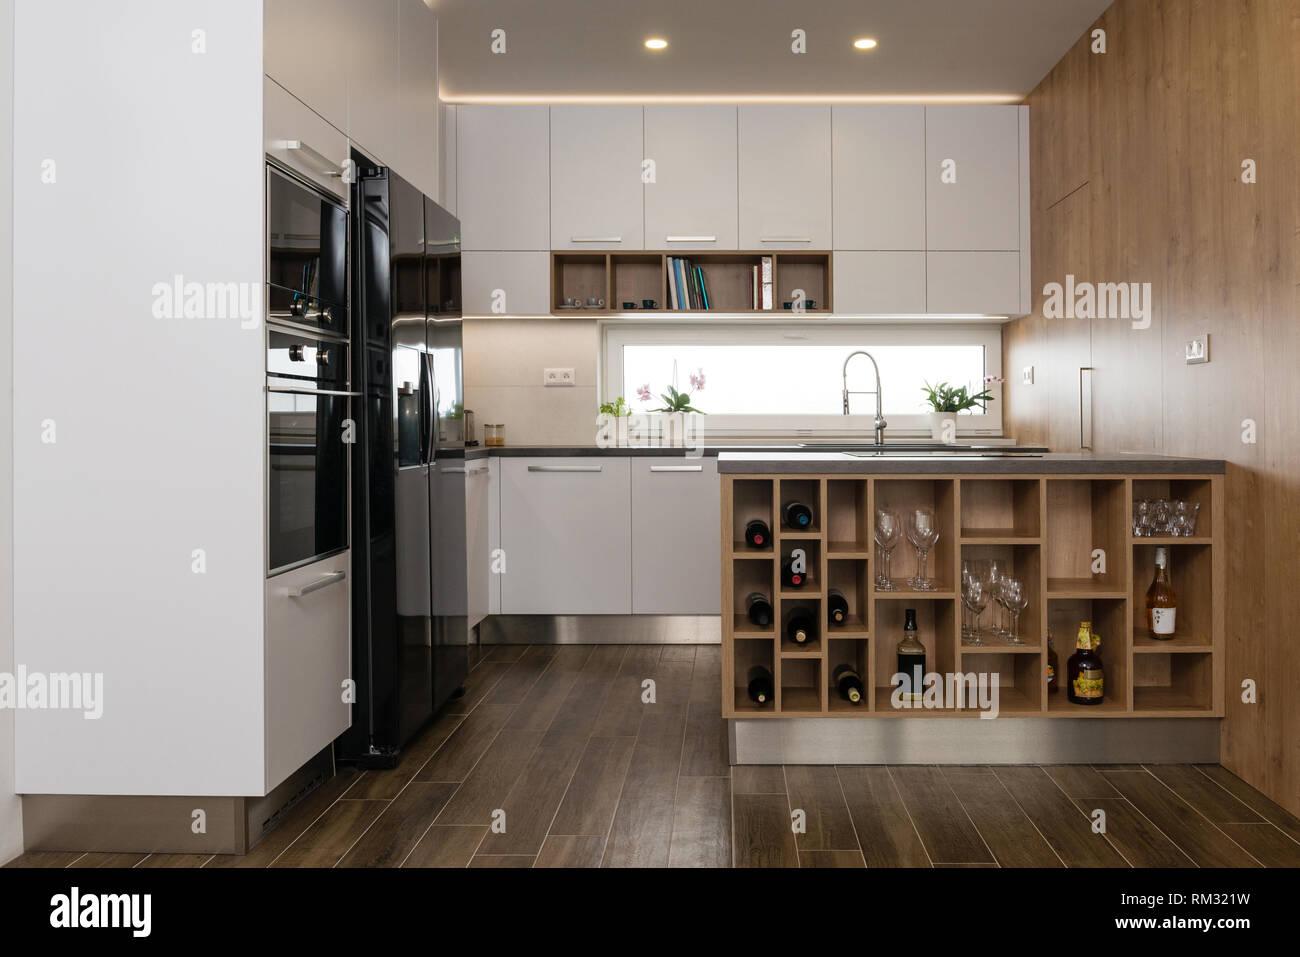 Innenraum Der Modernen Kuche Mit Einbaugeraten Stockfoto Bild